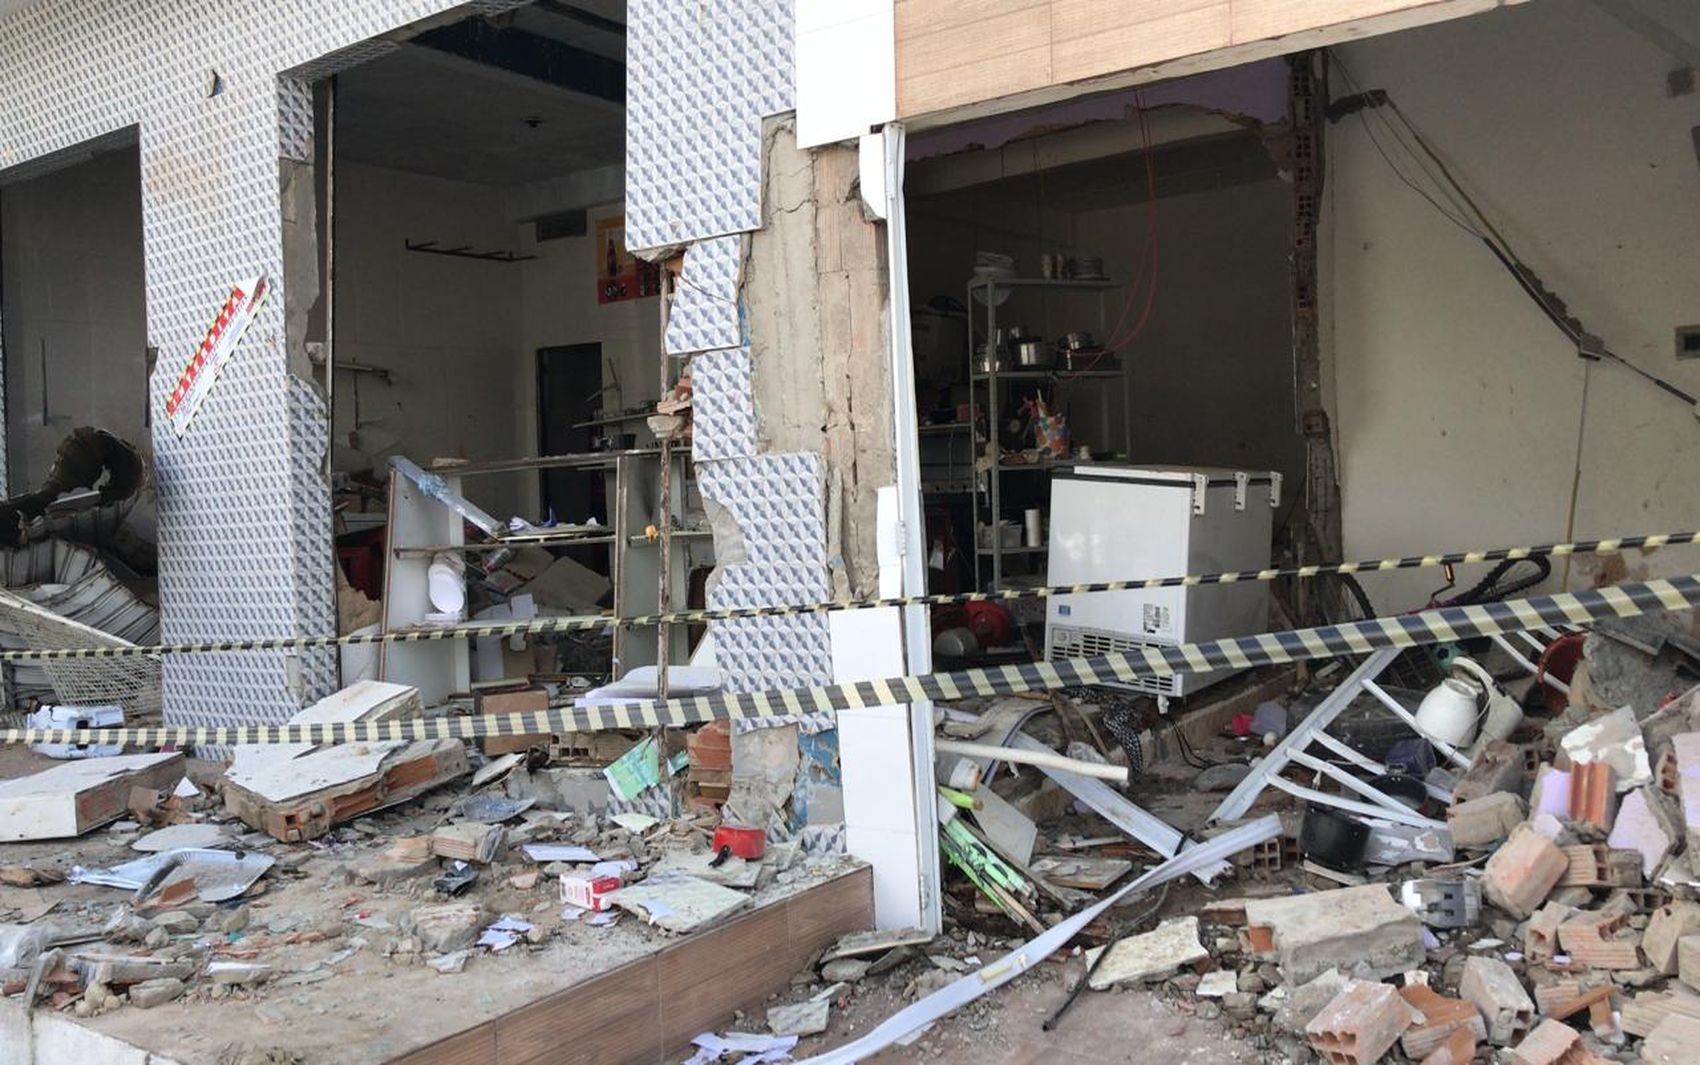 Vazamento de botijão de gás provoca explosão e destrói estabelecimento comercial em Aracaju - Notícias - Plantão Diário